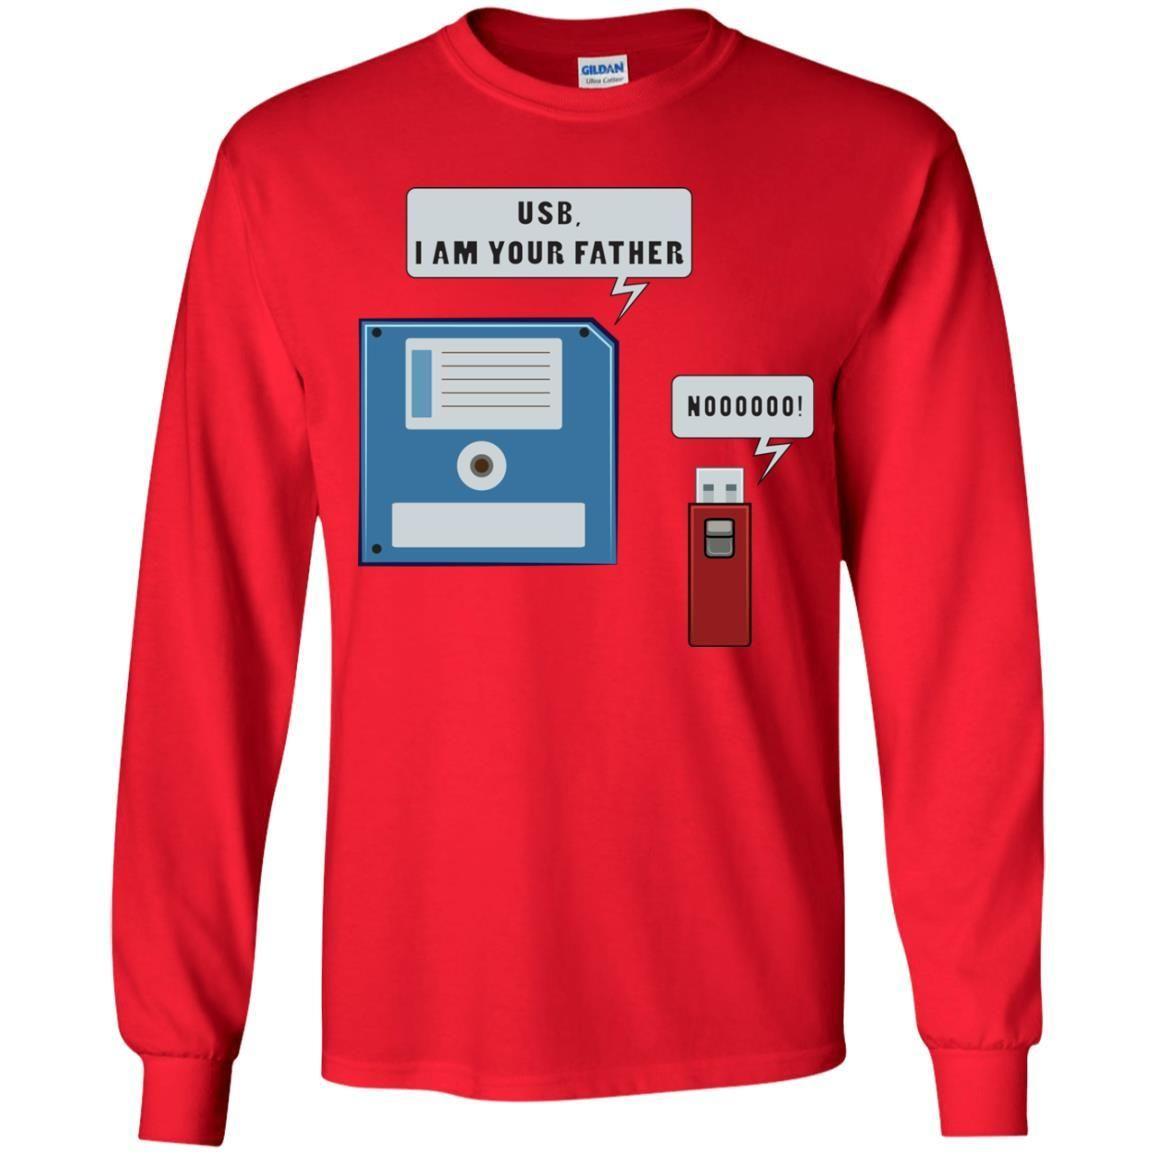 55f9cdf96 USB Floppy Disk Funny Nerd Geek Unisex Long Sleeve T Shirt for Men Women Kids  Boys Girls Youth